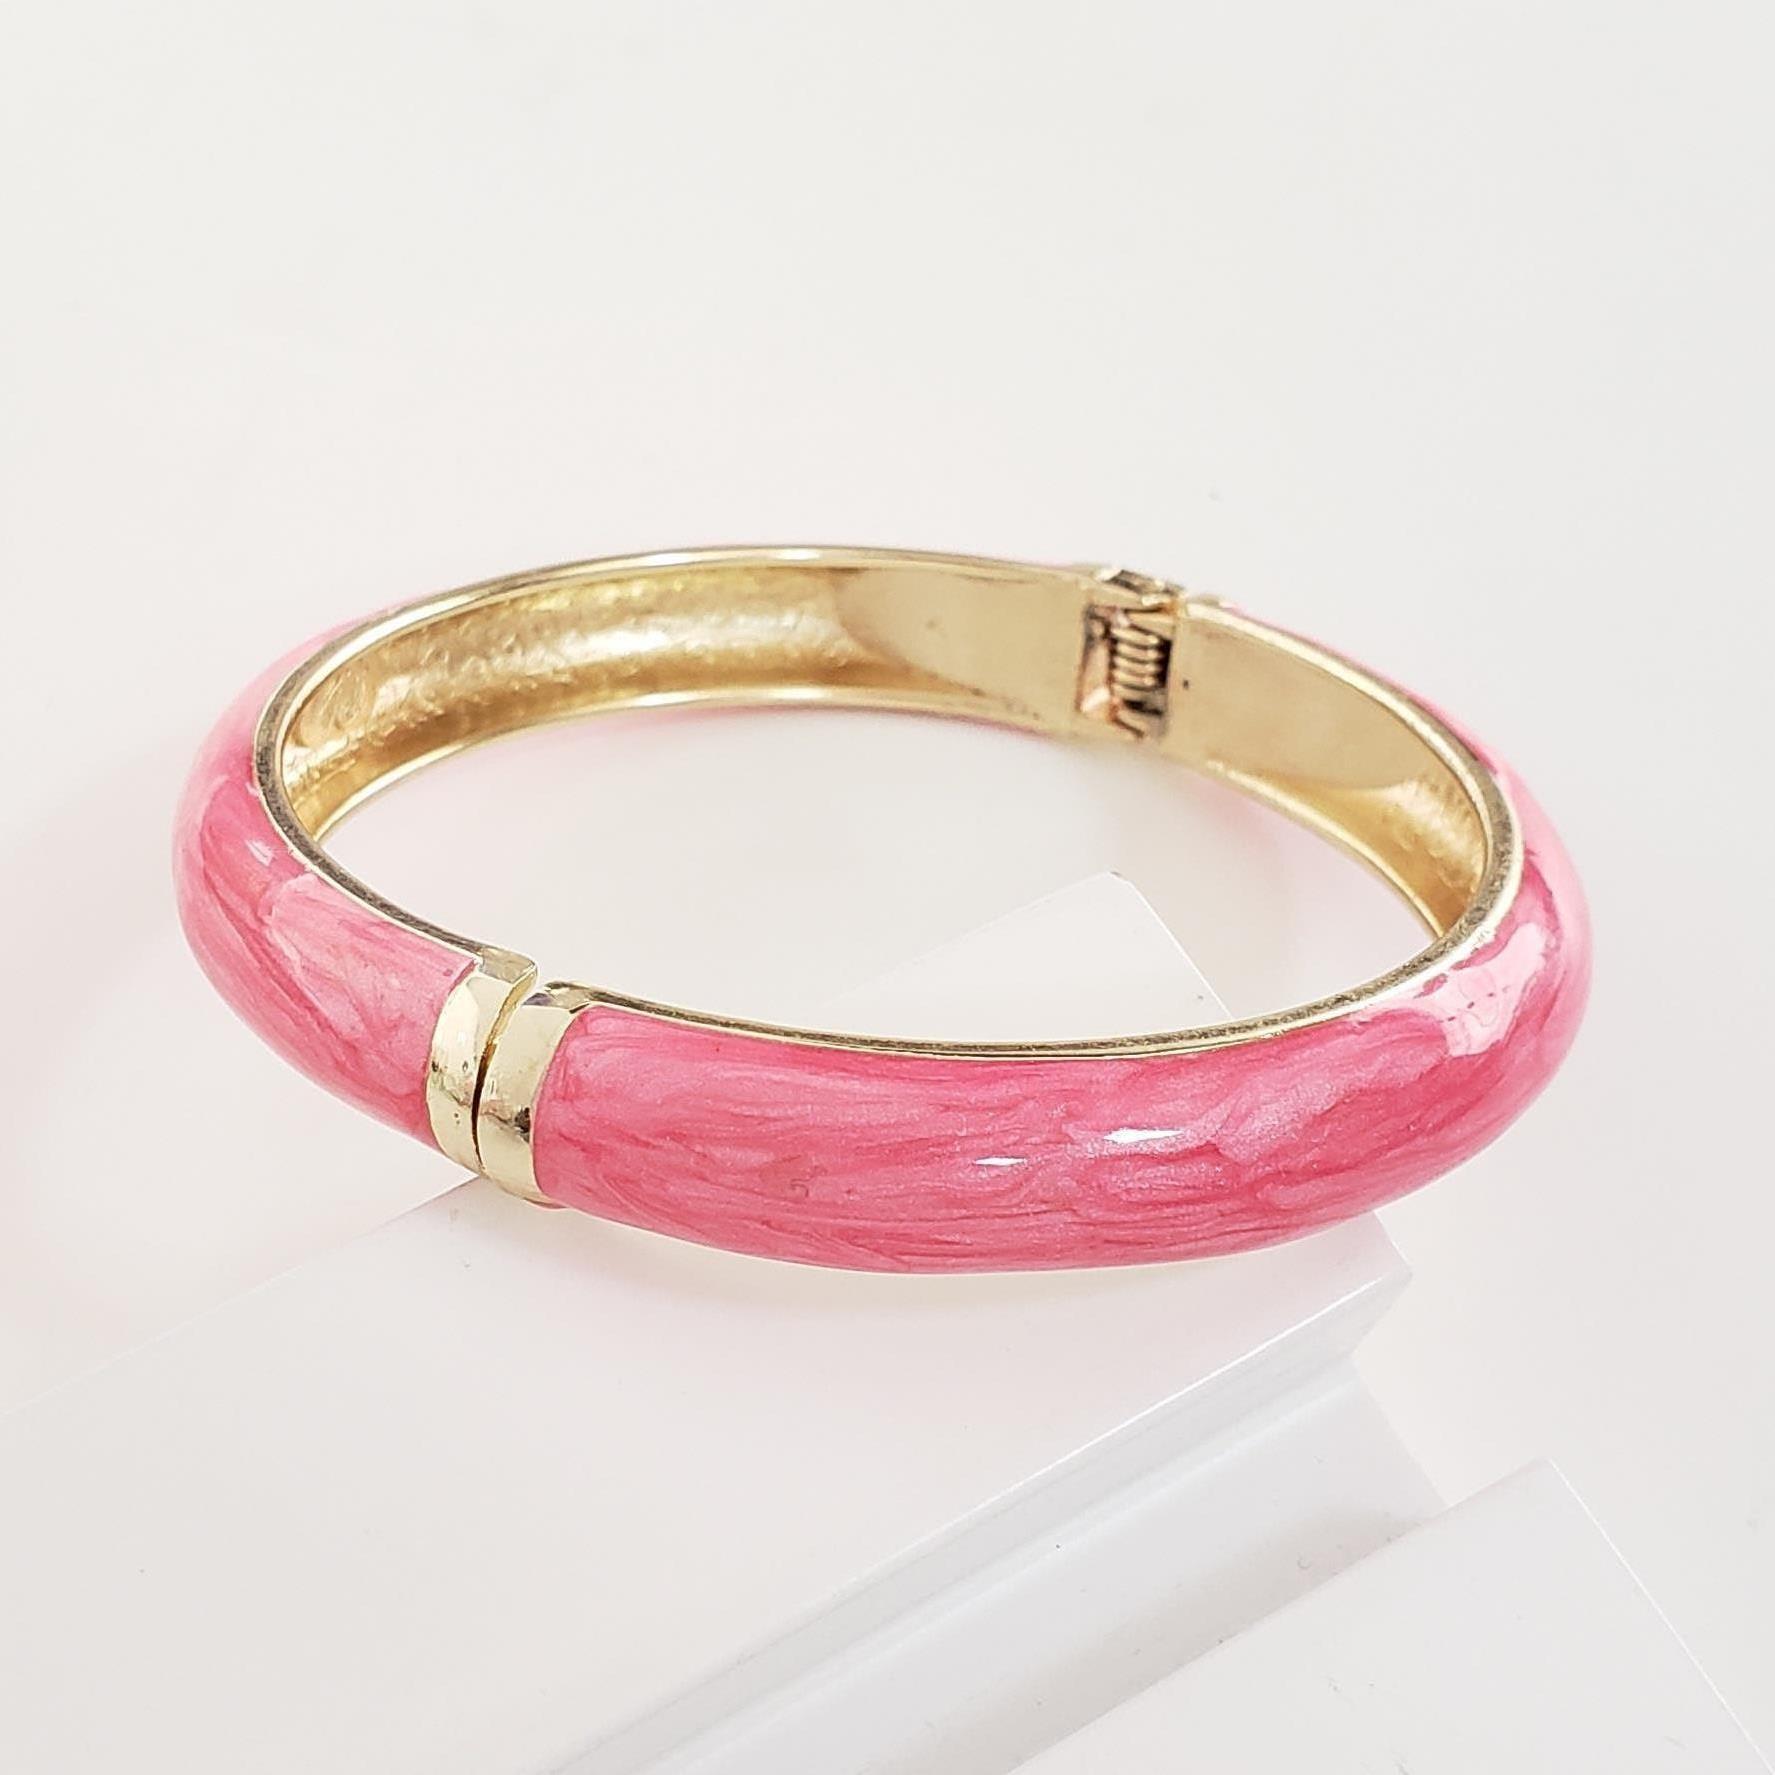 Bracelete Abaulado Esmaltado Rosa no Banho Ouro 18k Semijoia